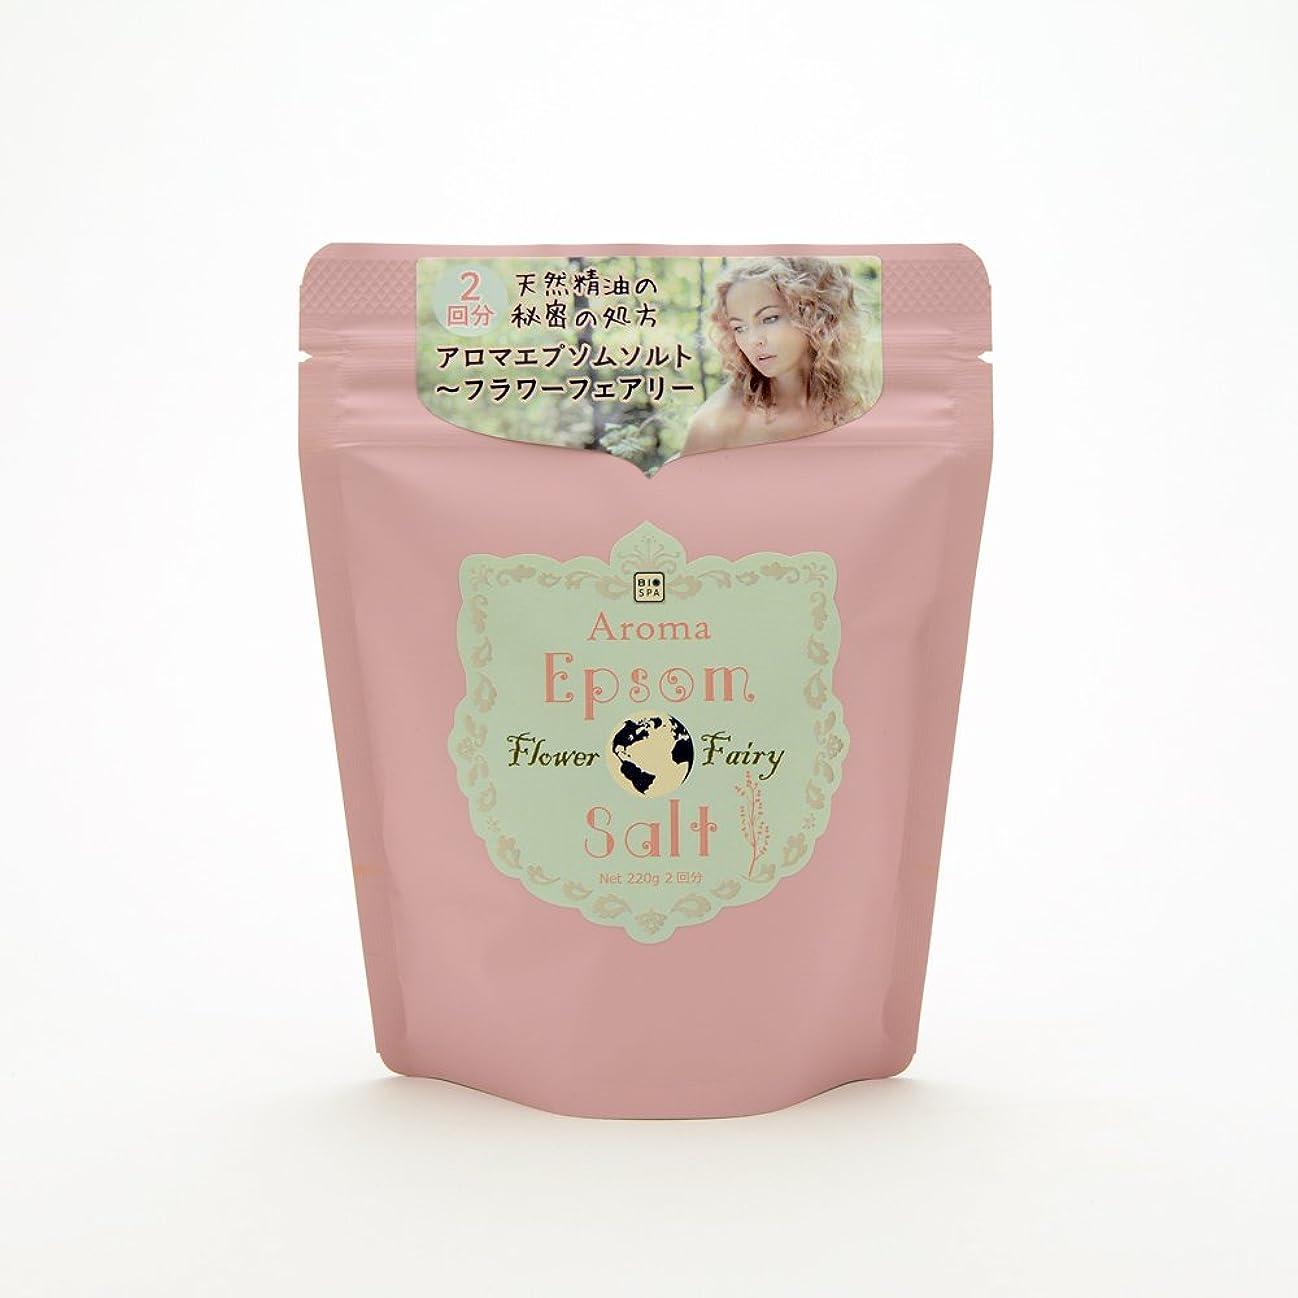 皮死ぬ店員ビオスパ アロマエプソムソルト【フラワーフェアリー220g/2回分】(浴用化粧品)